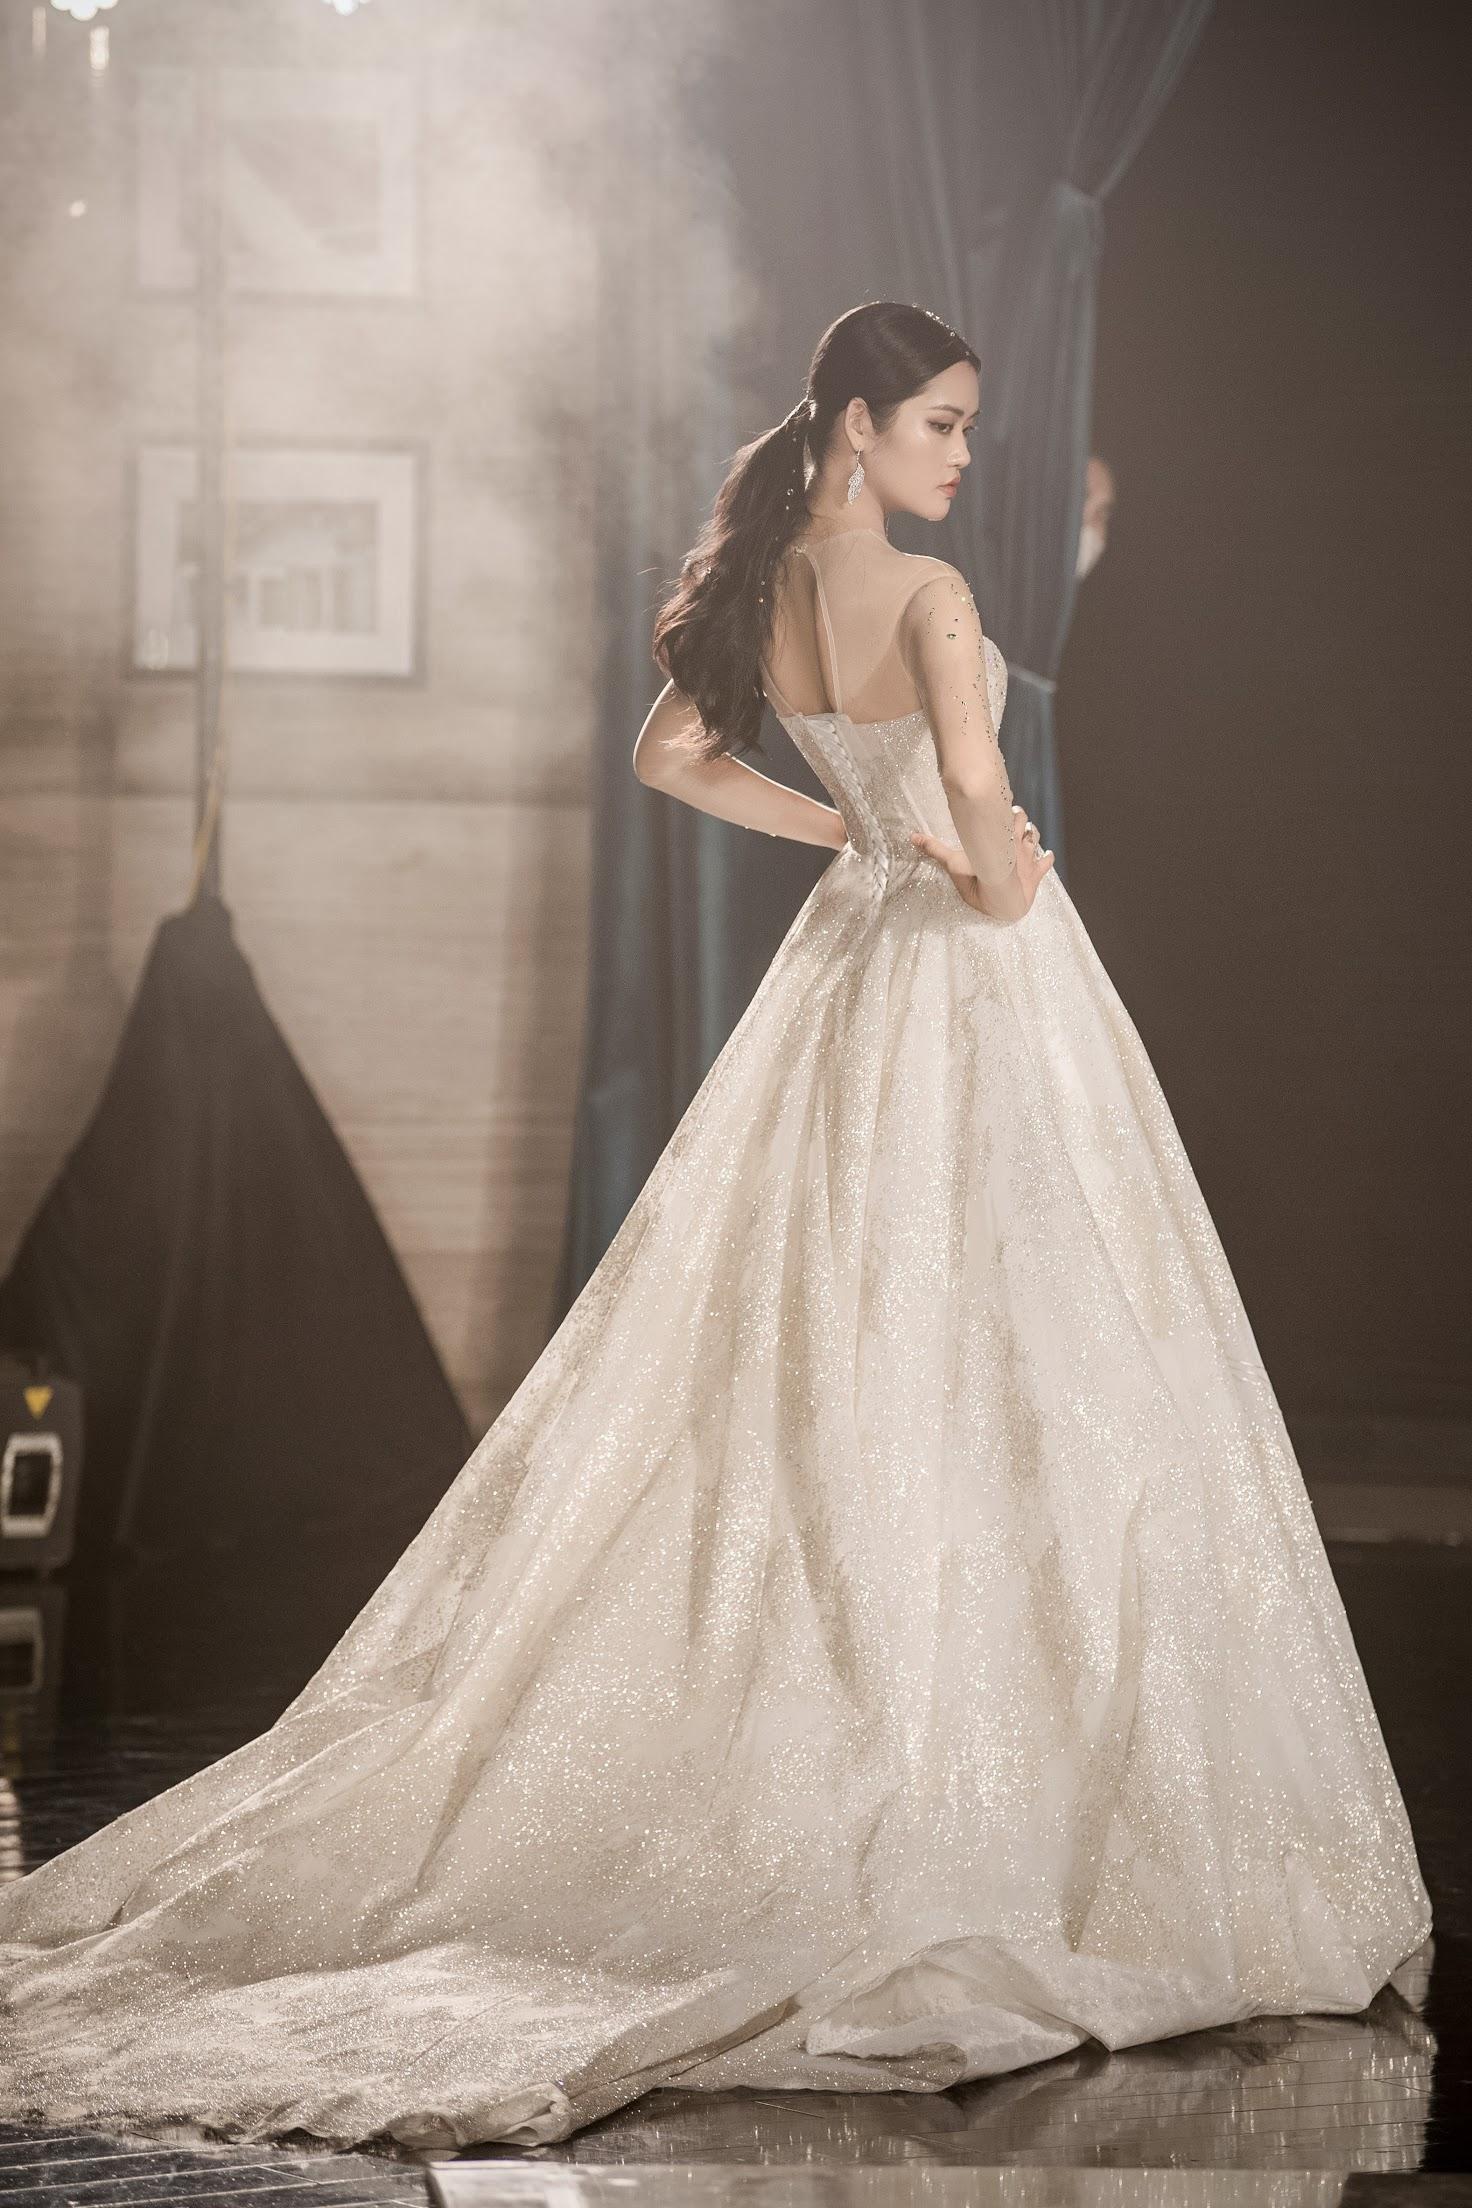 Lecia Bridal ra mắt dòng váy Luxury đính hàng trăm ngàn viên pha lê Swarovski - Ảnh 8.